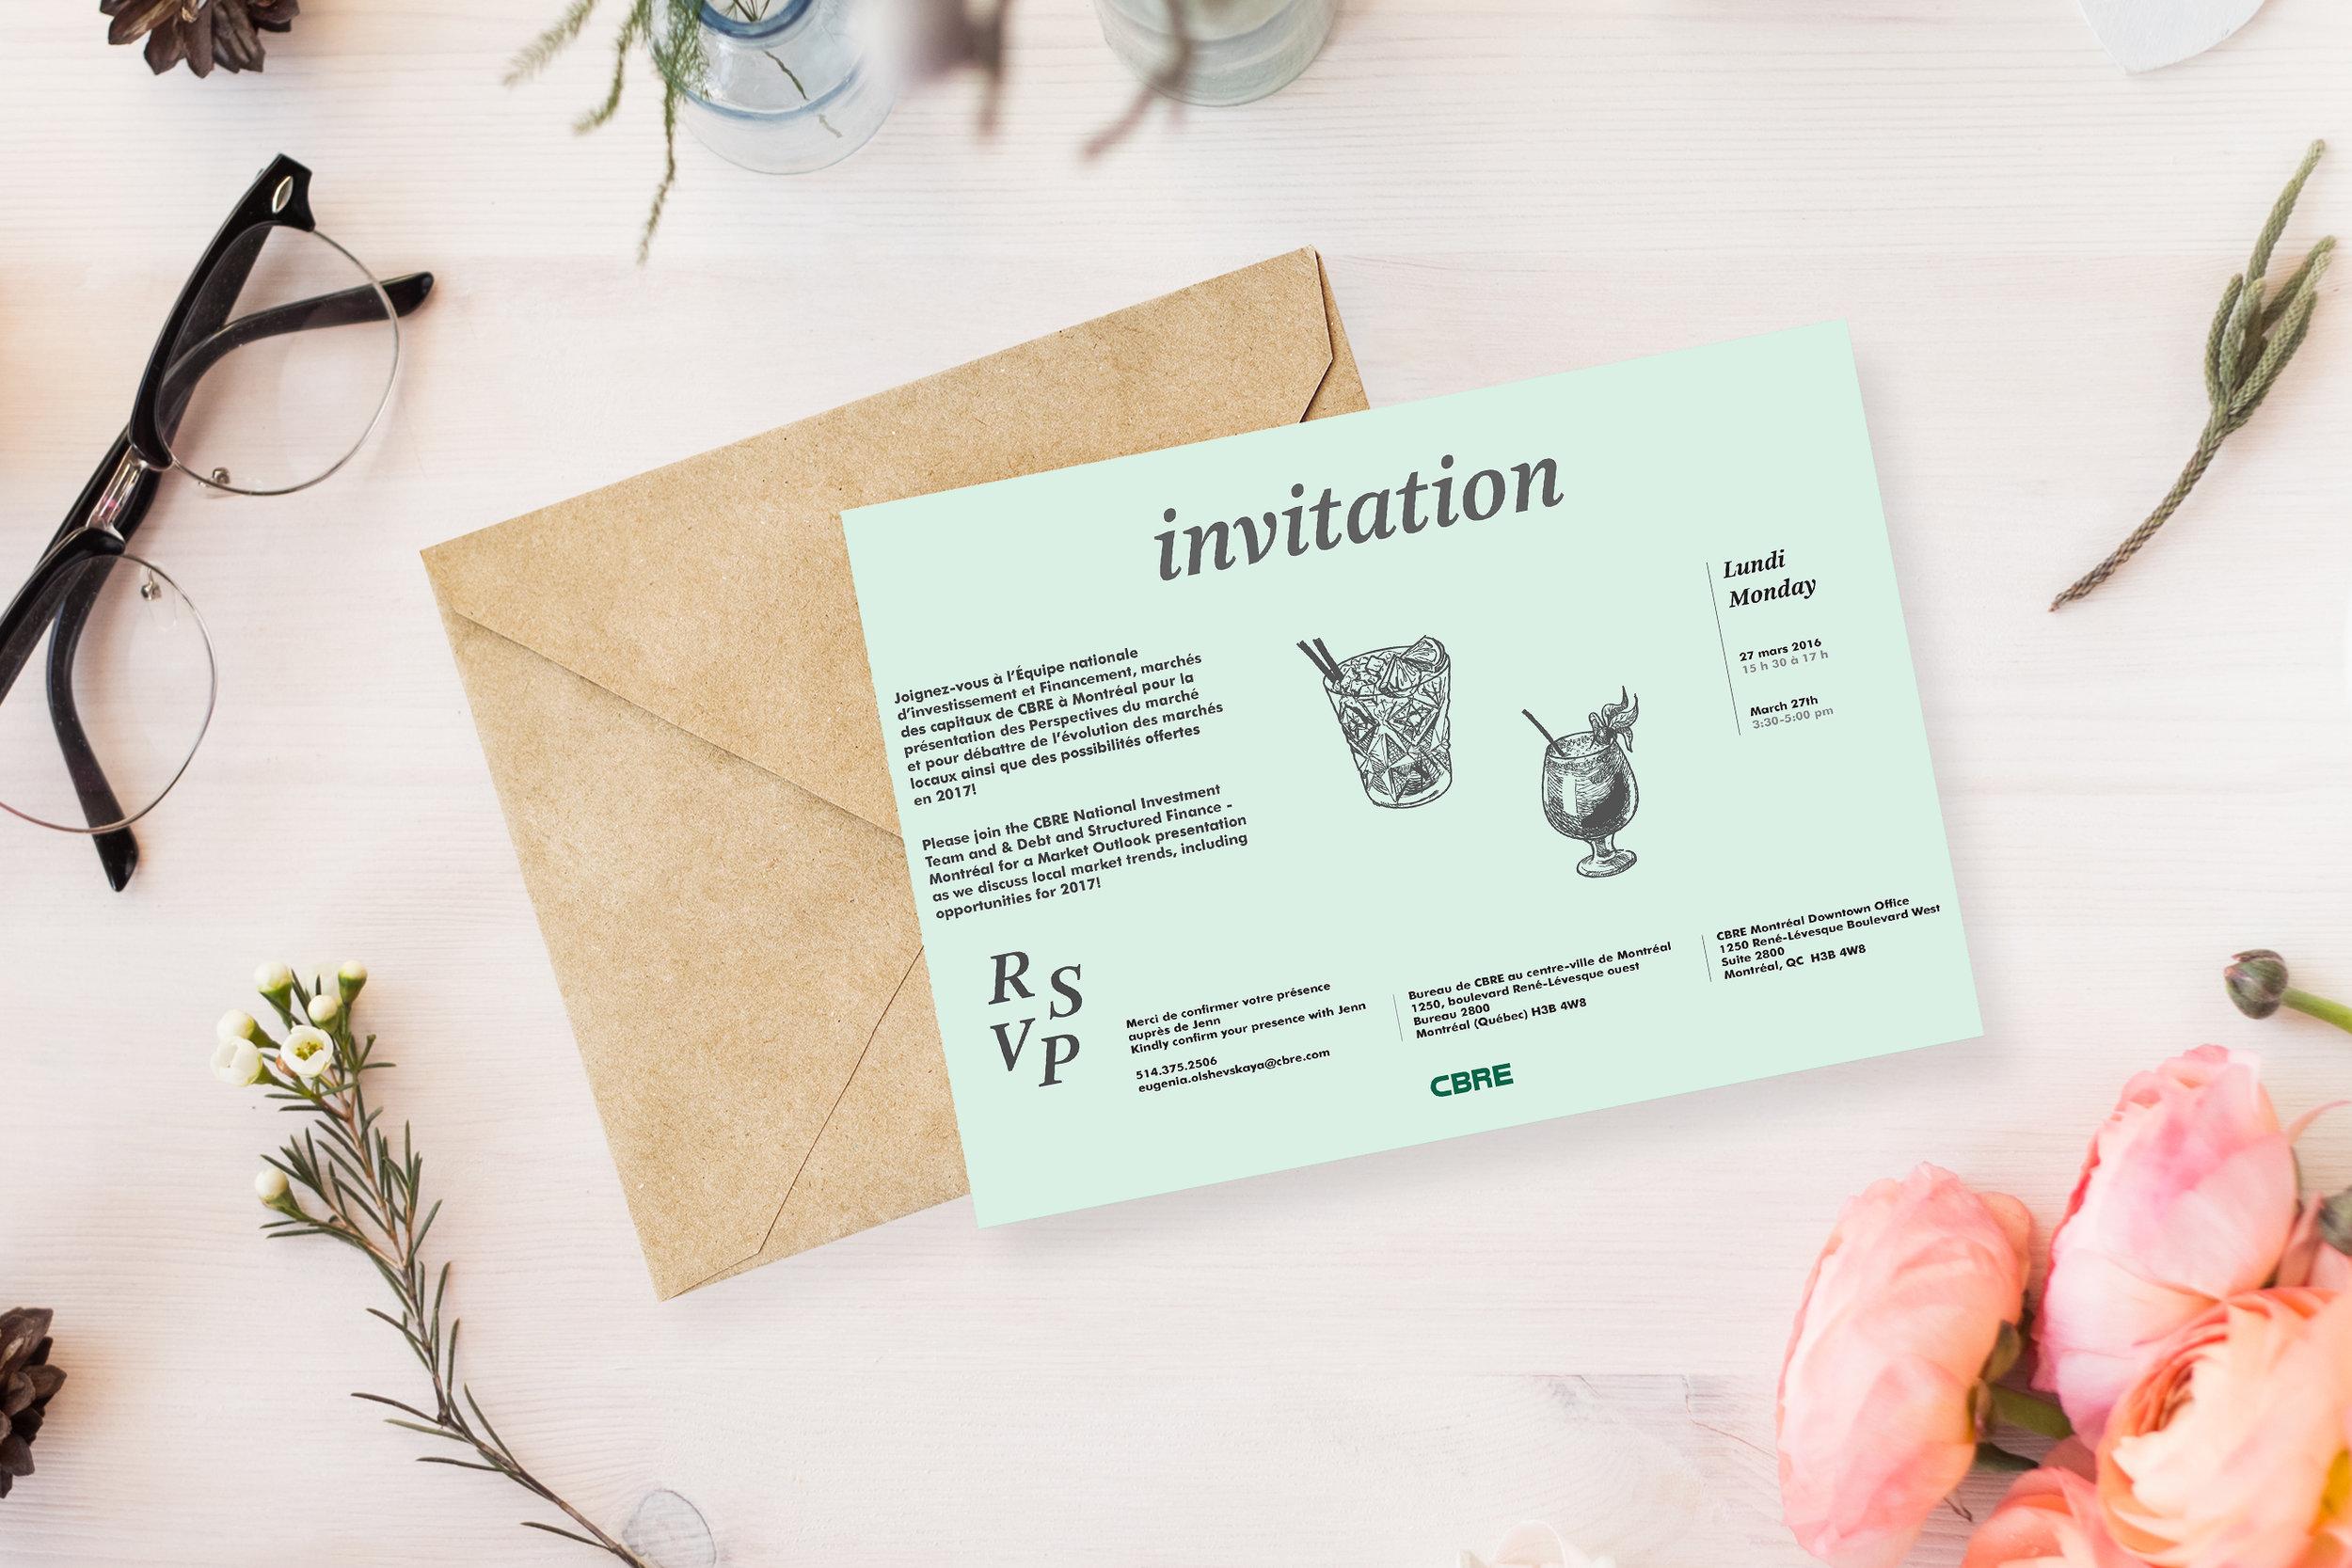 Invitation CBRE